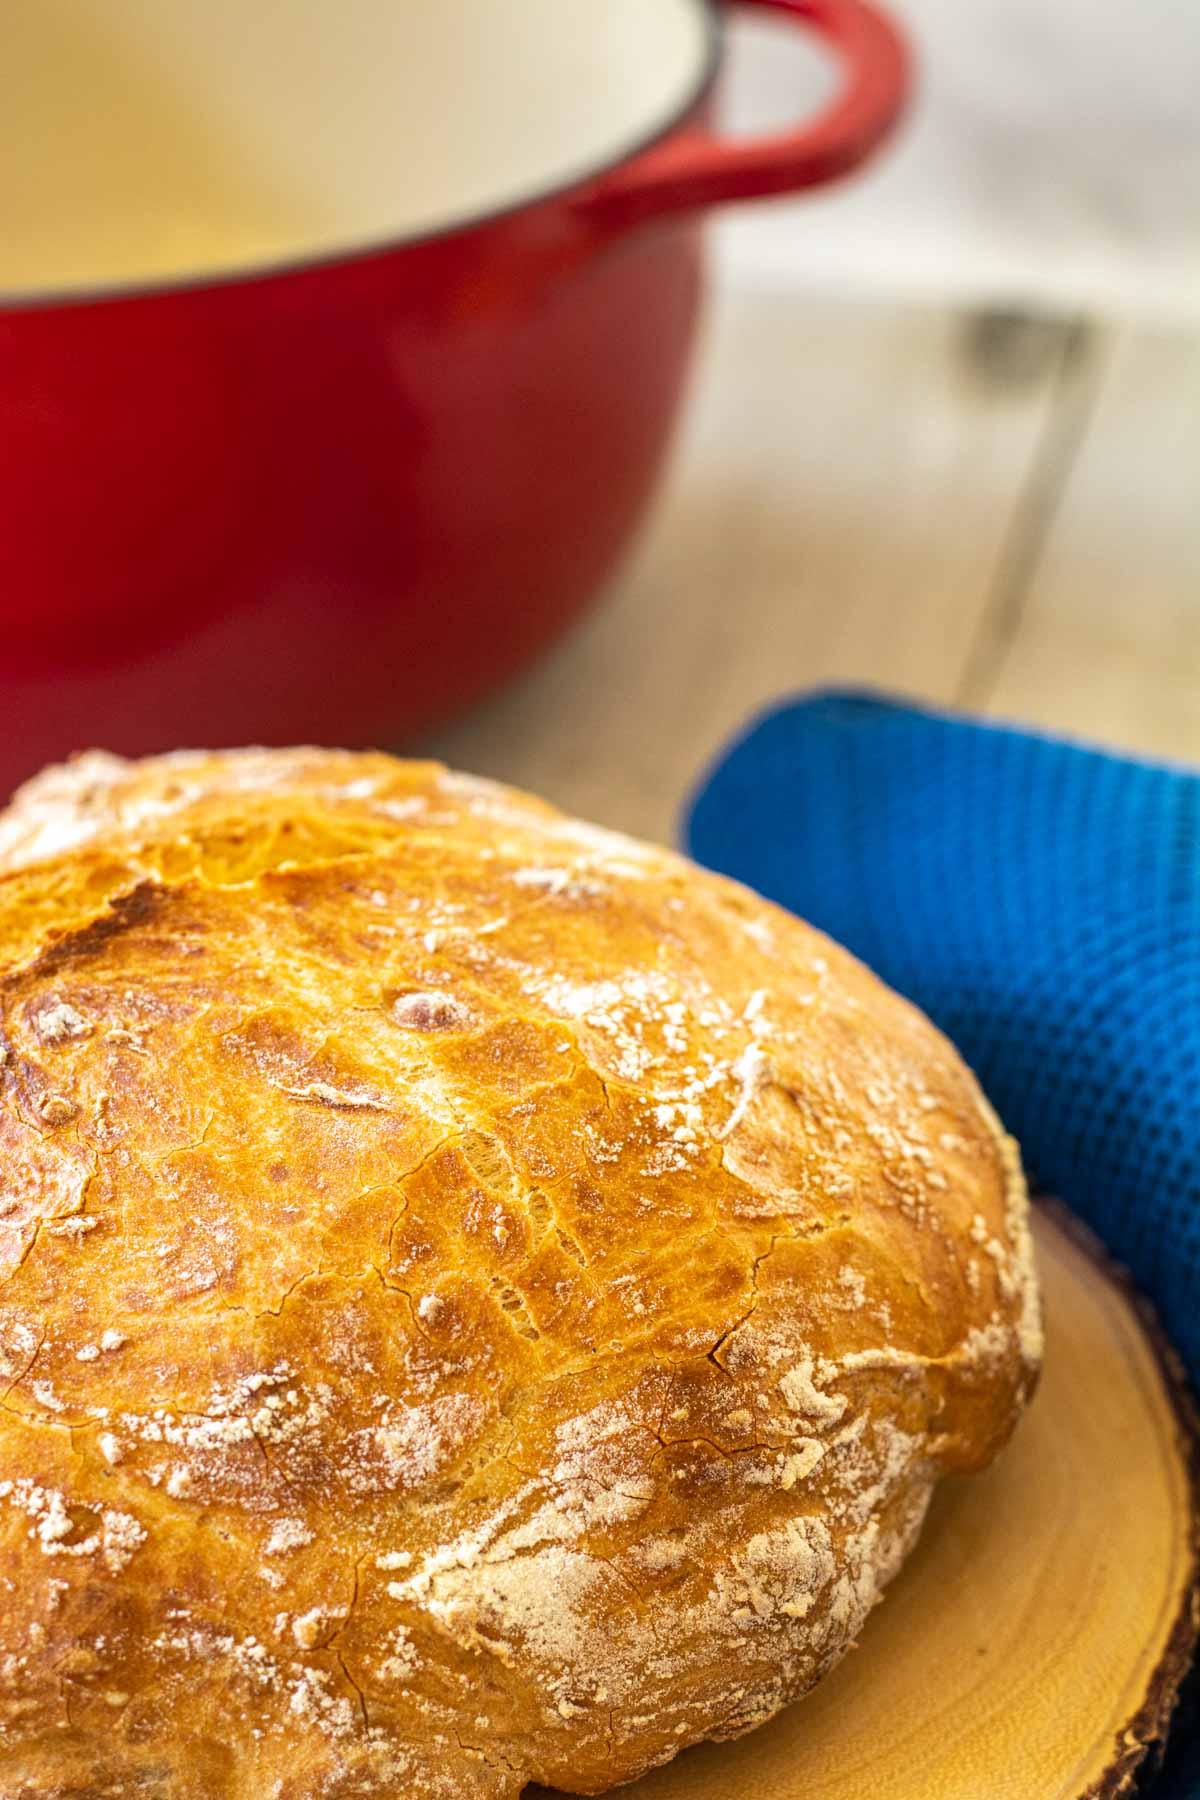 loaf of bread on a wooden trivet.